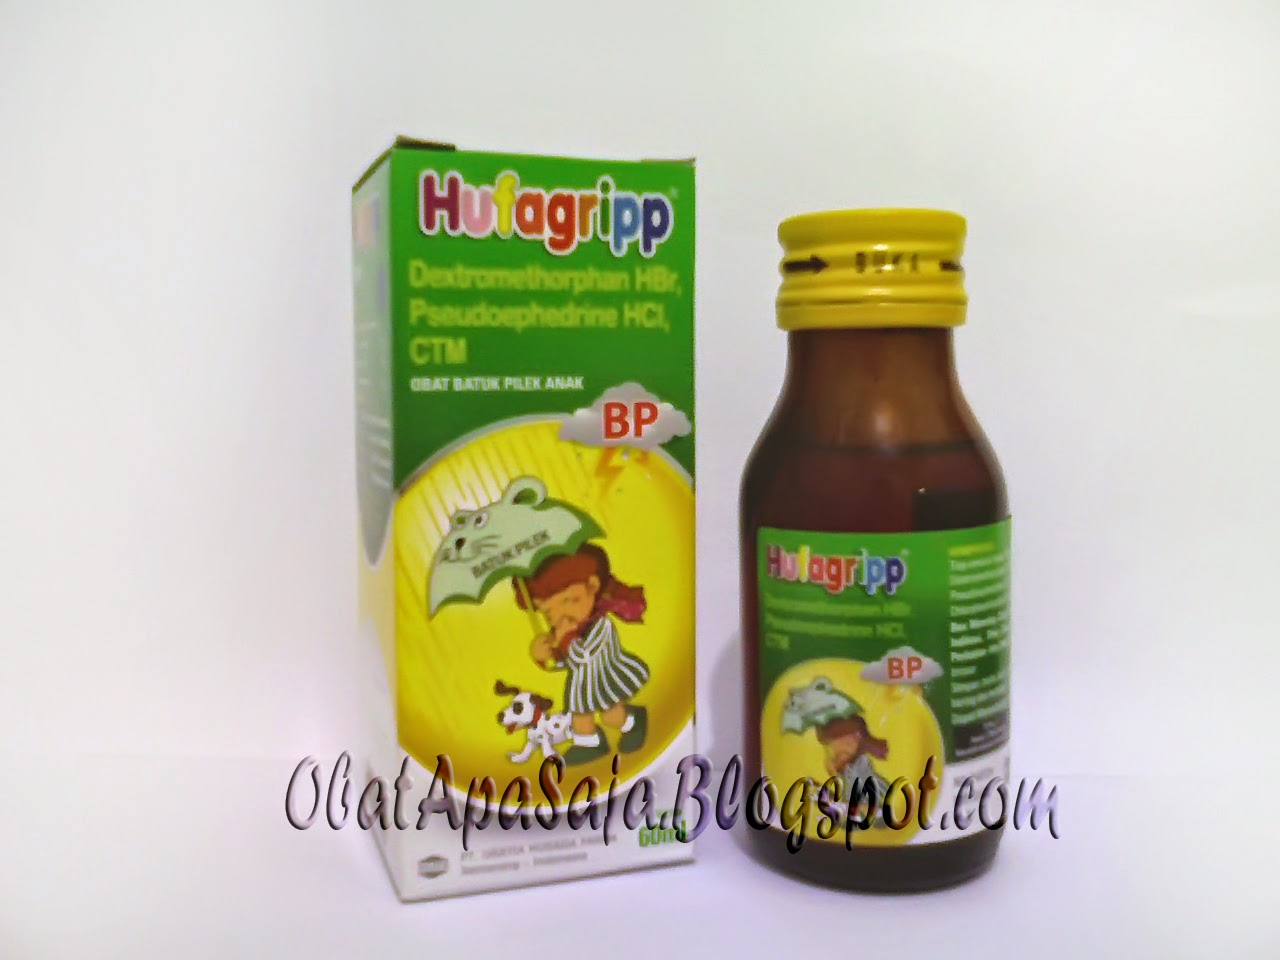 hufagripp bp